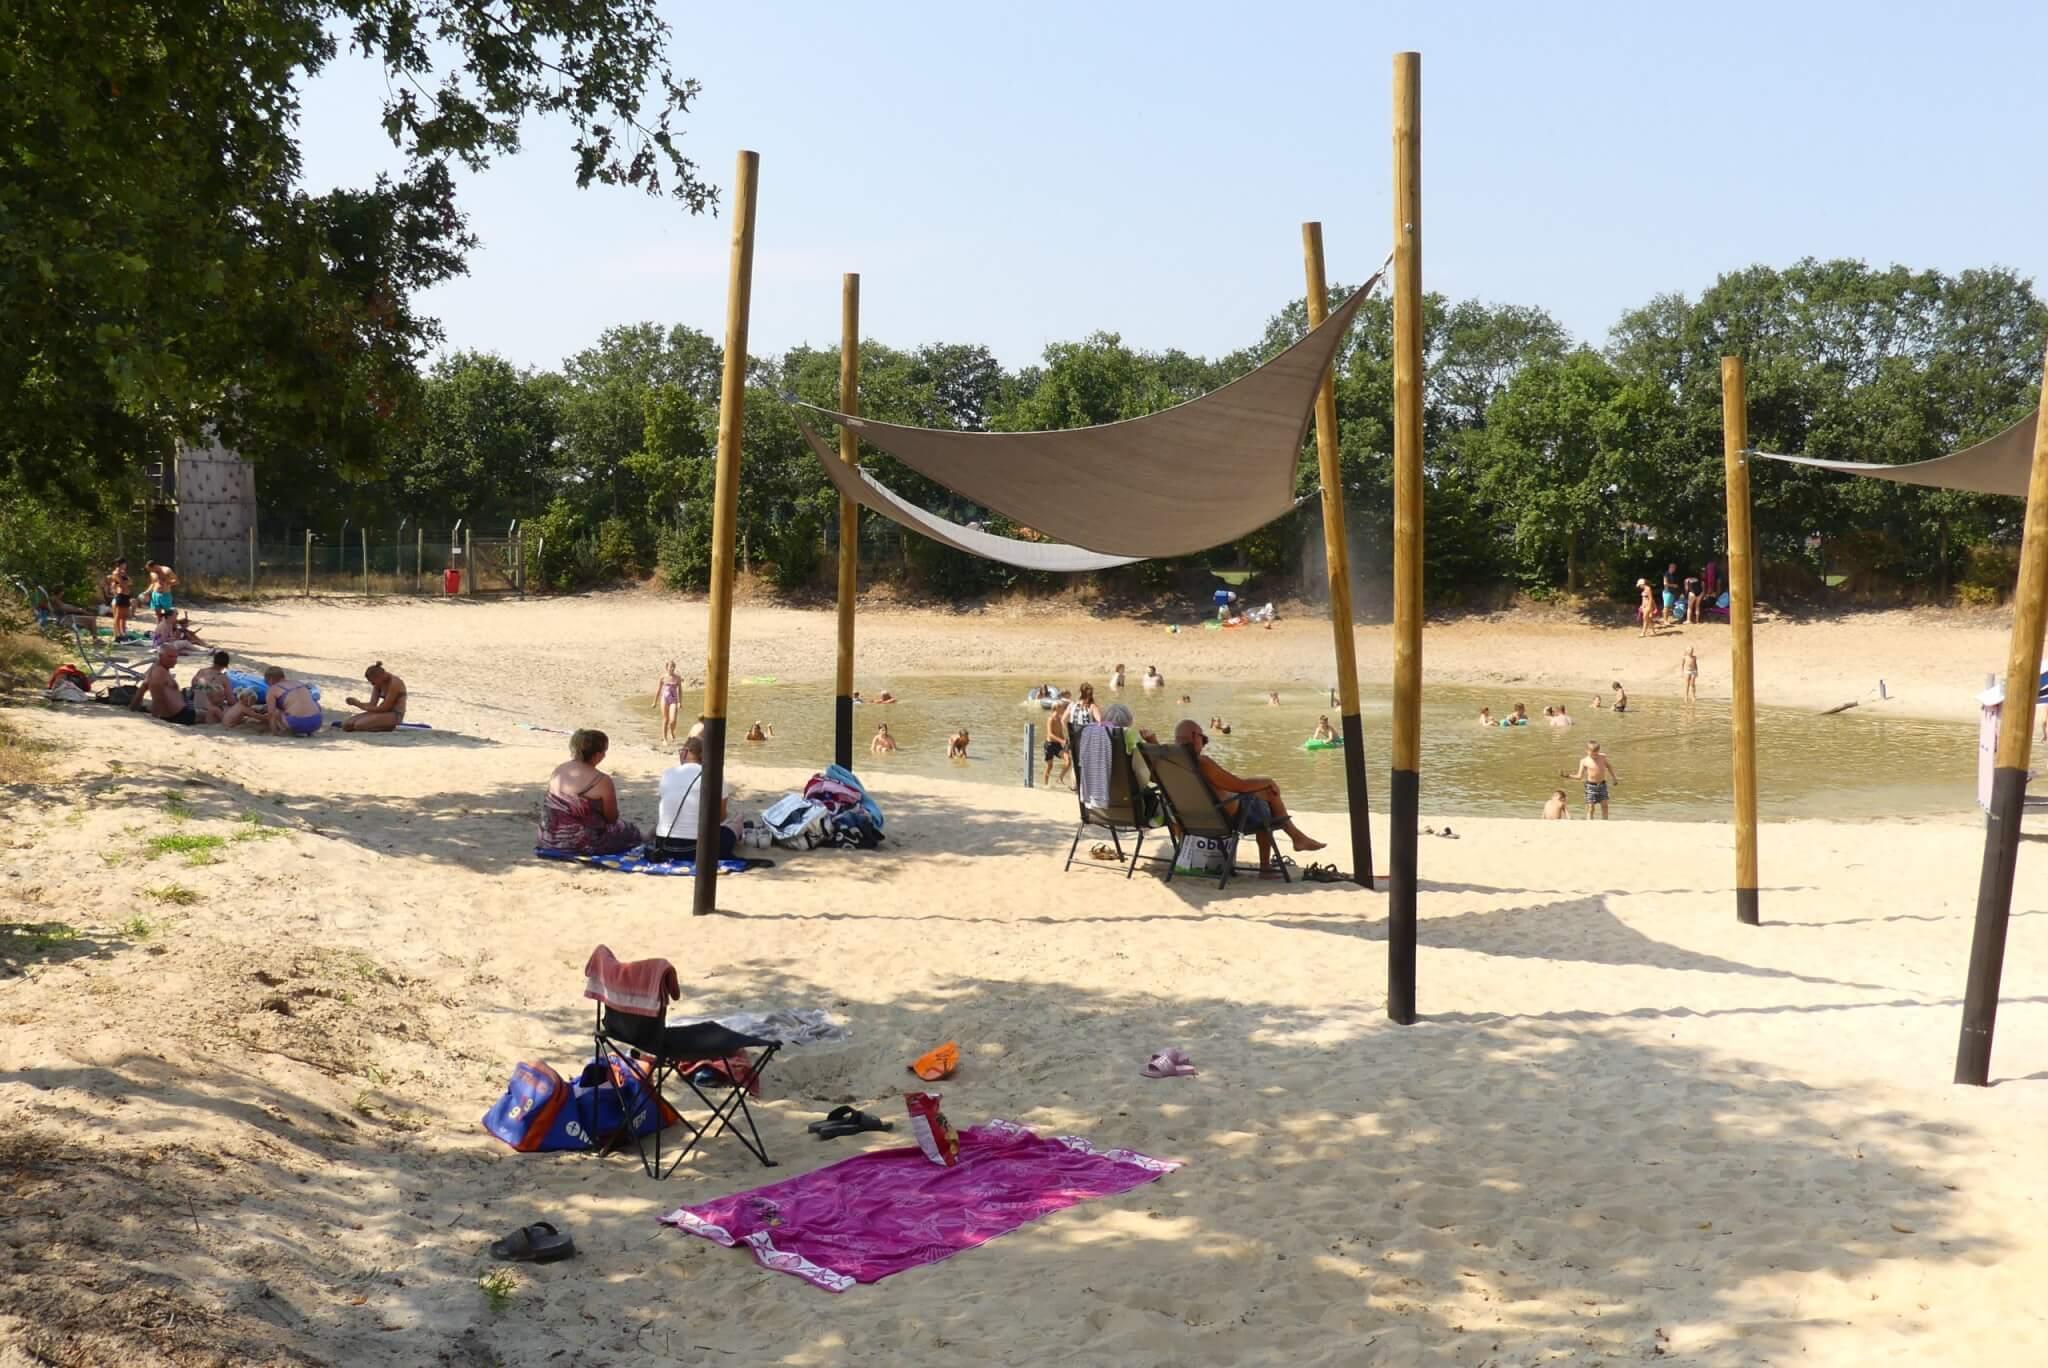 Kleine recreatieplas in Overijssel bij Camping Heino